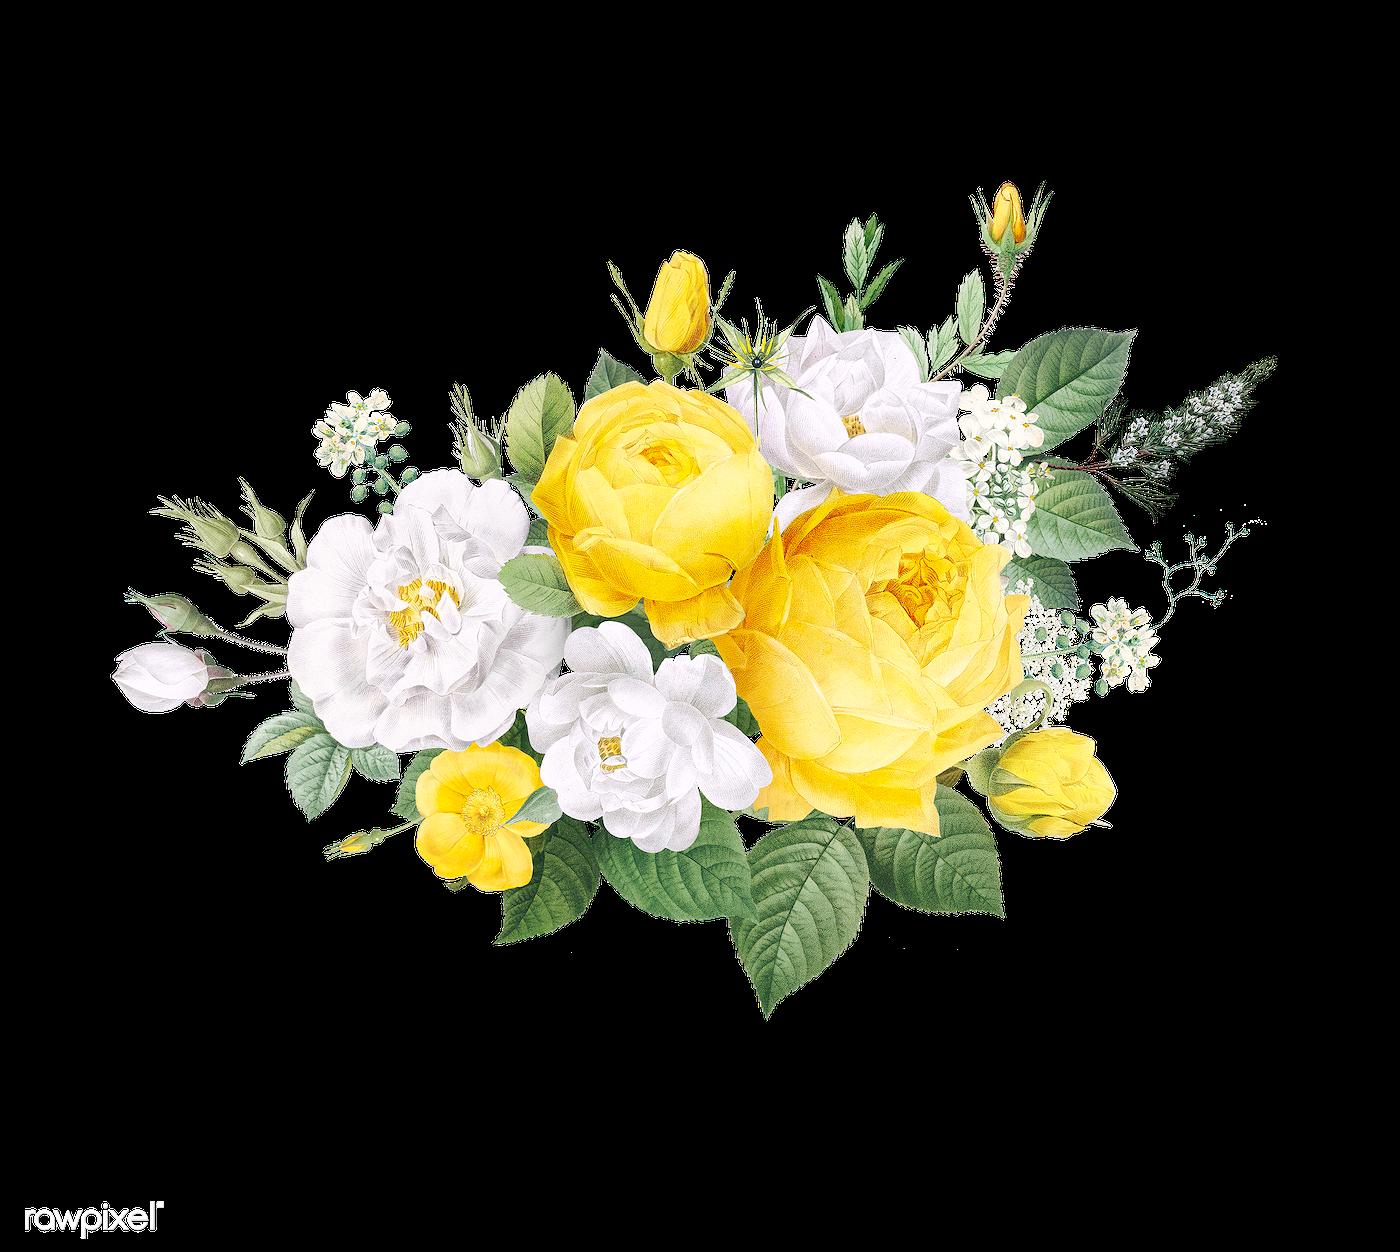 Floral design background   Royalty free transparent png ...